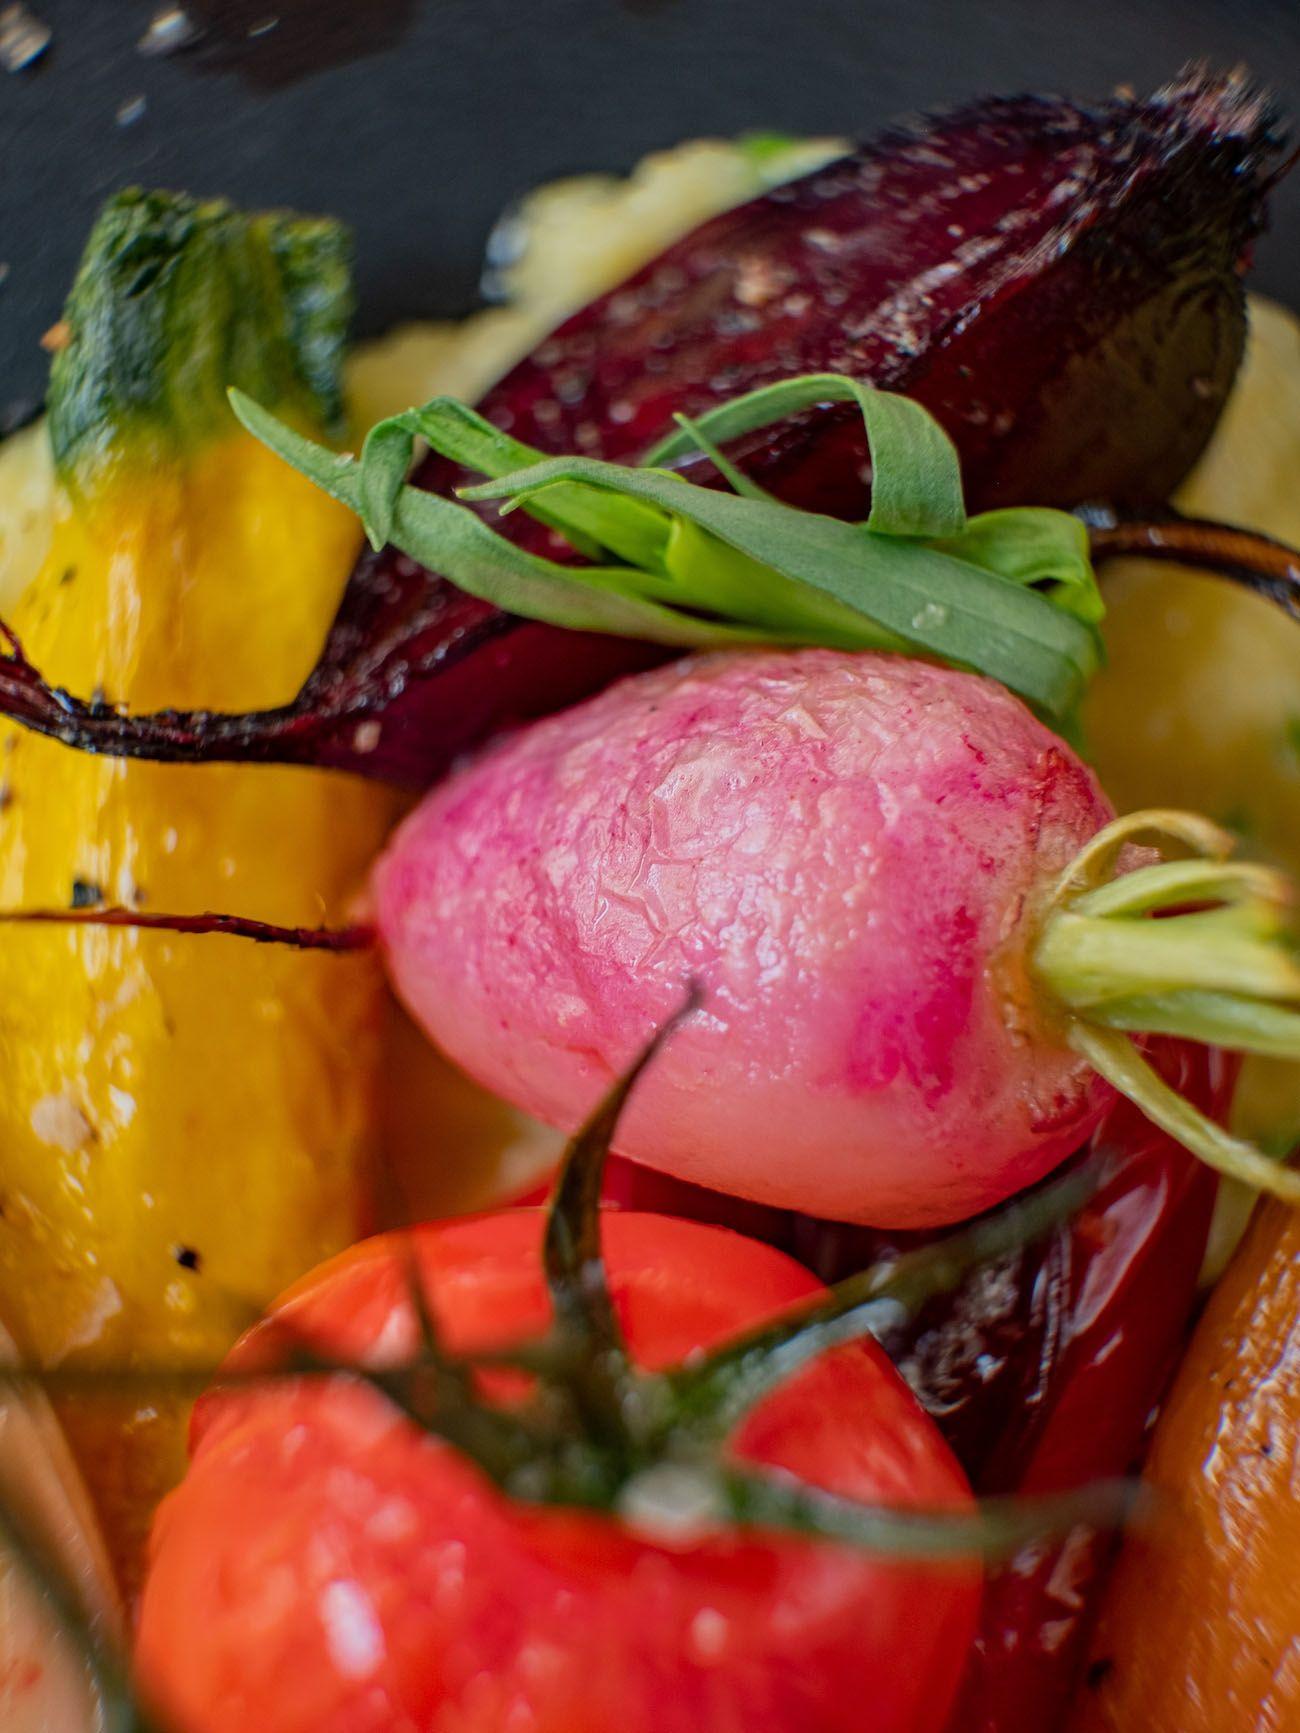 Rezept, Foodblo, About Fuel, Cremige Polenta mit Sommergemüse, Radieschen